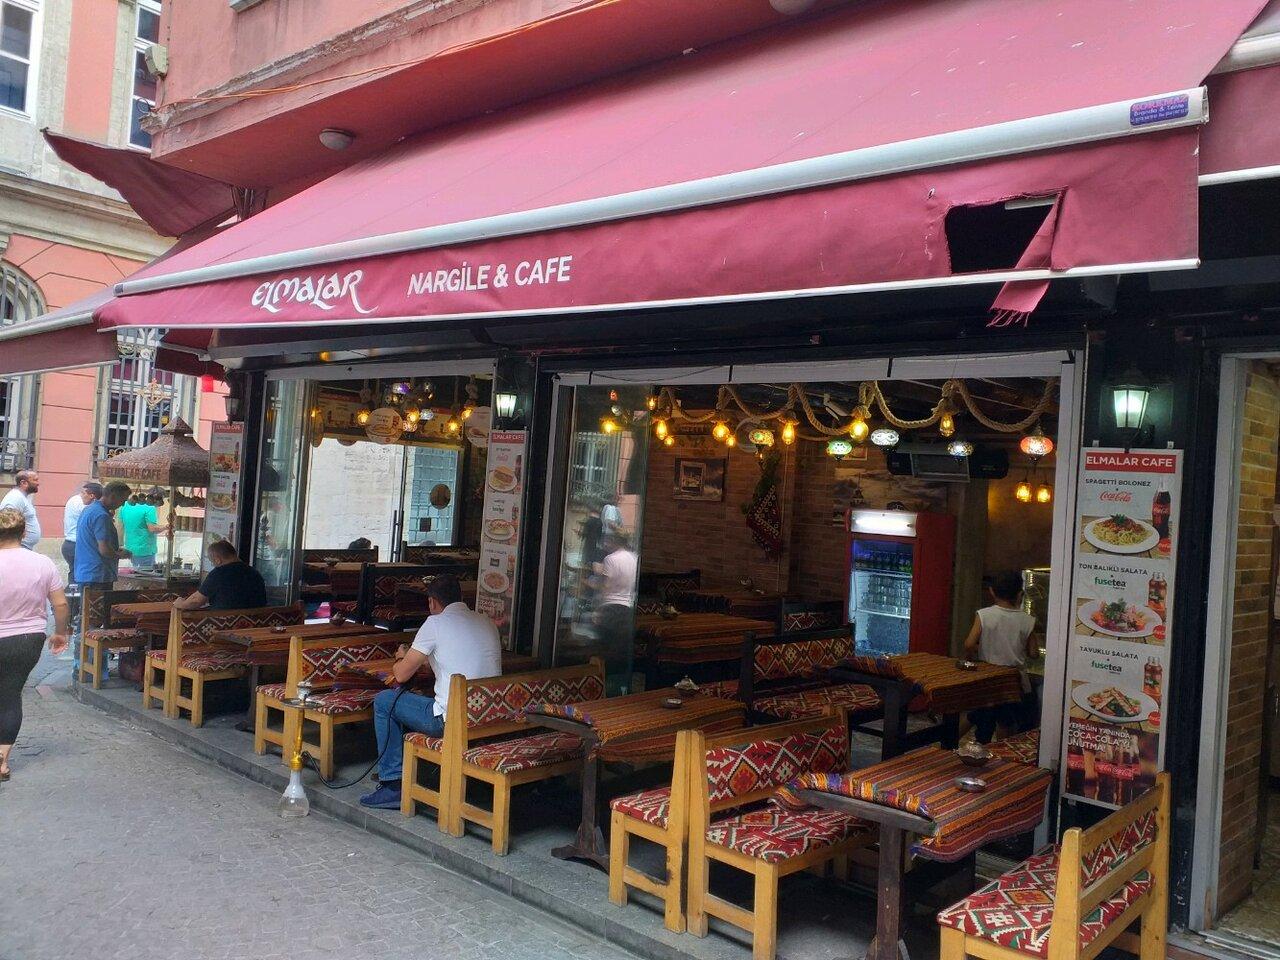 старый город турецкое кафе фото однородного состояния подать